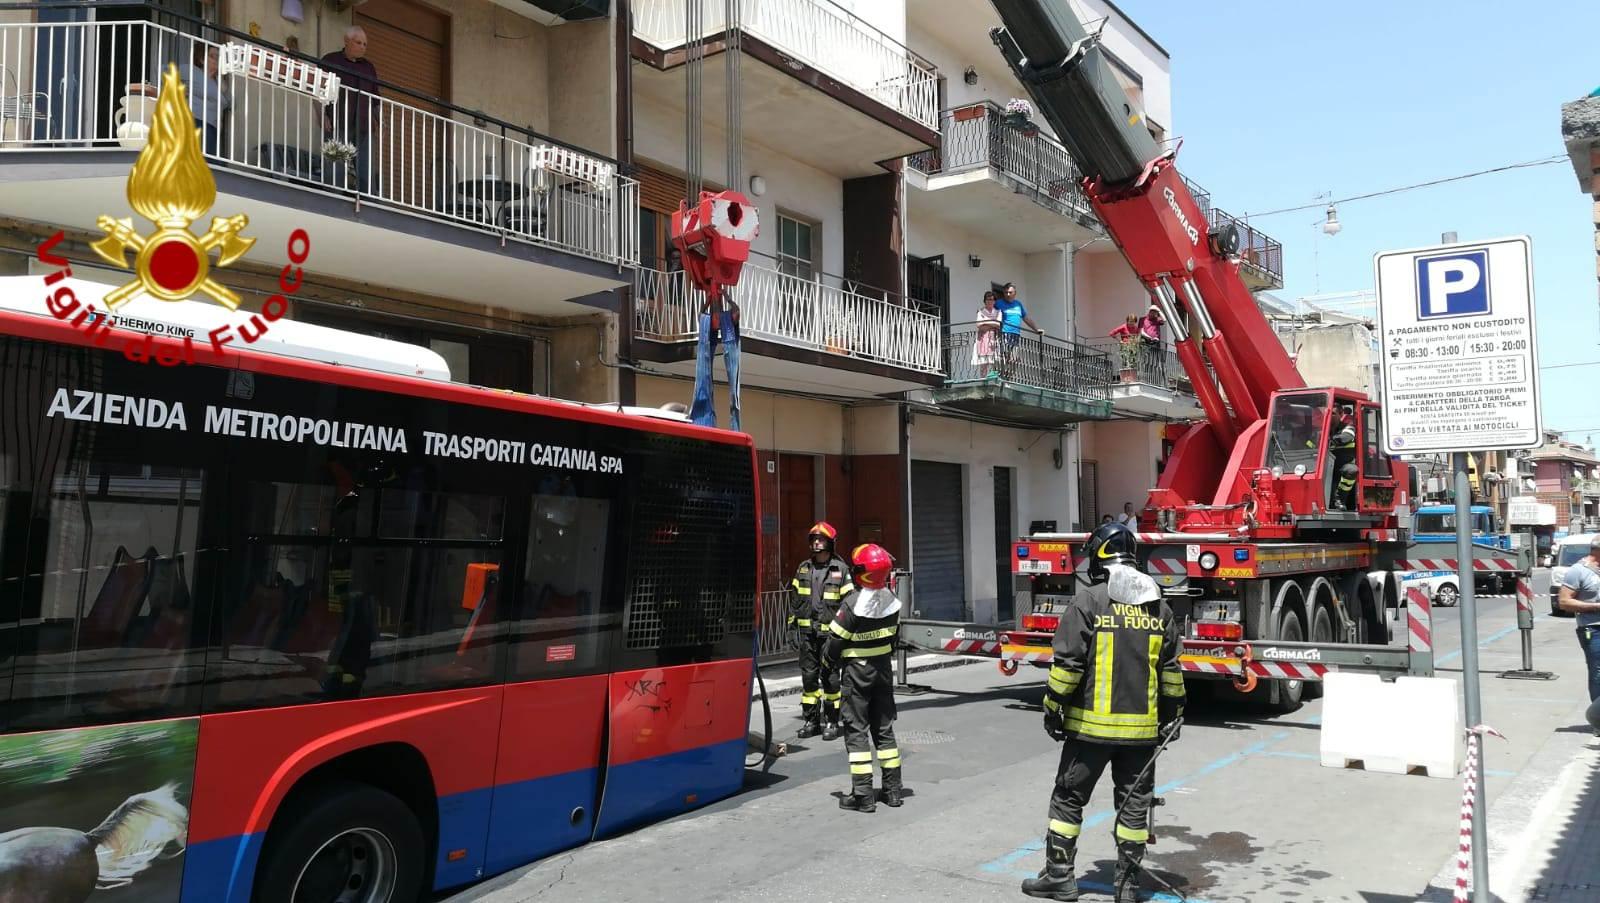 Bus sprofondato nell'asfalto, dopo ore concluse le operazioni di intervento